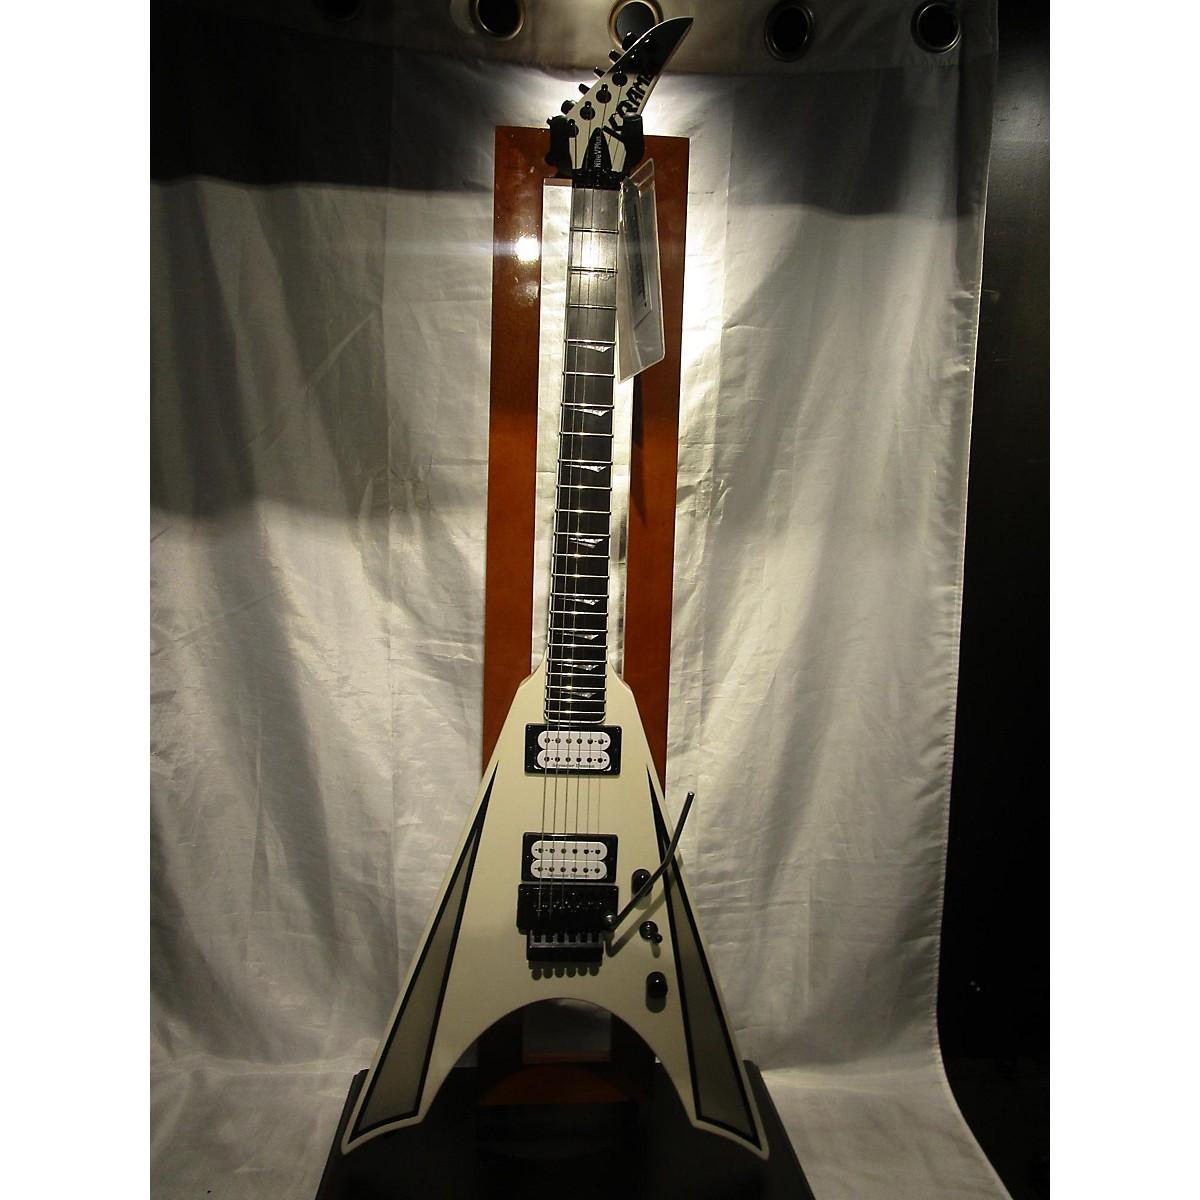 Kramer NITE V FR Solid Body Electric Guitar